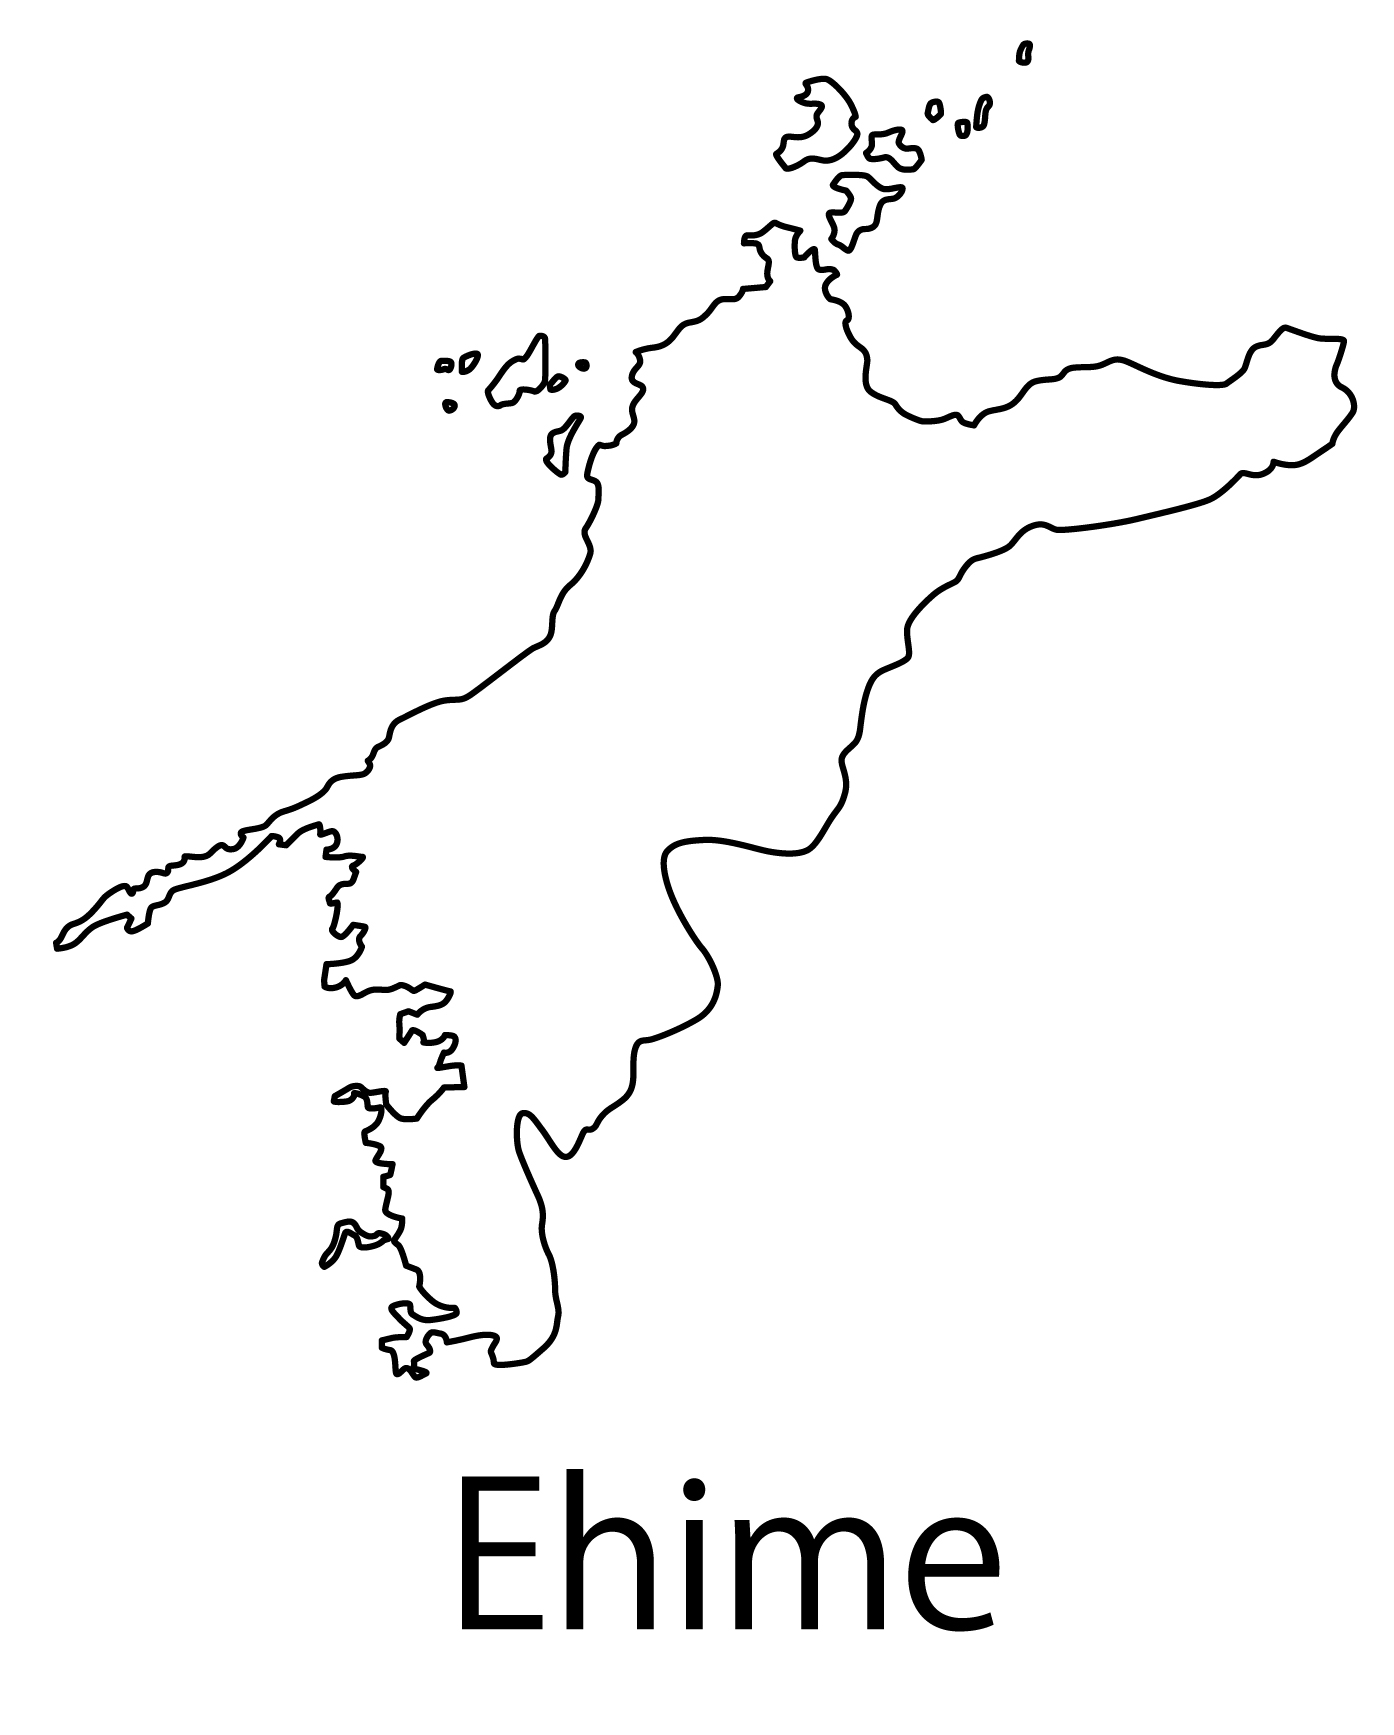 愛媛県無料フリーイラスト|英語・都道府県名あり(白)